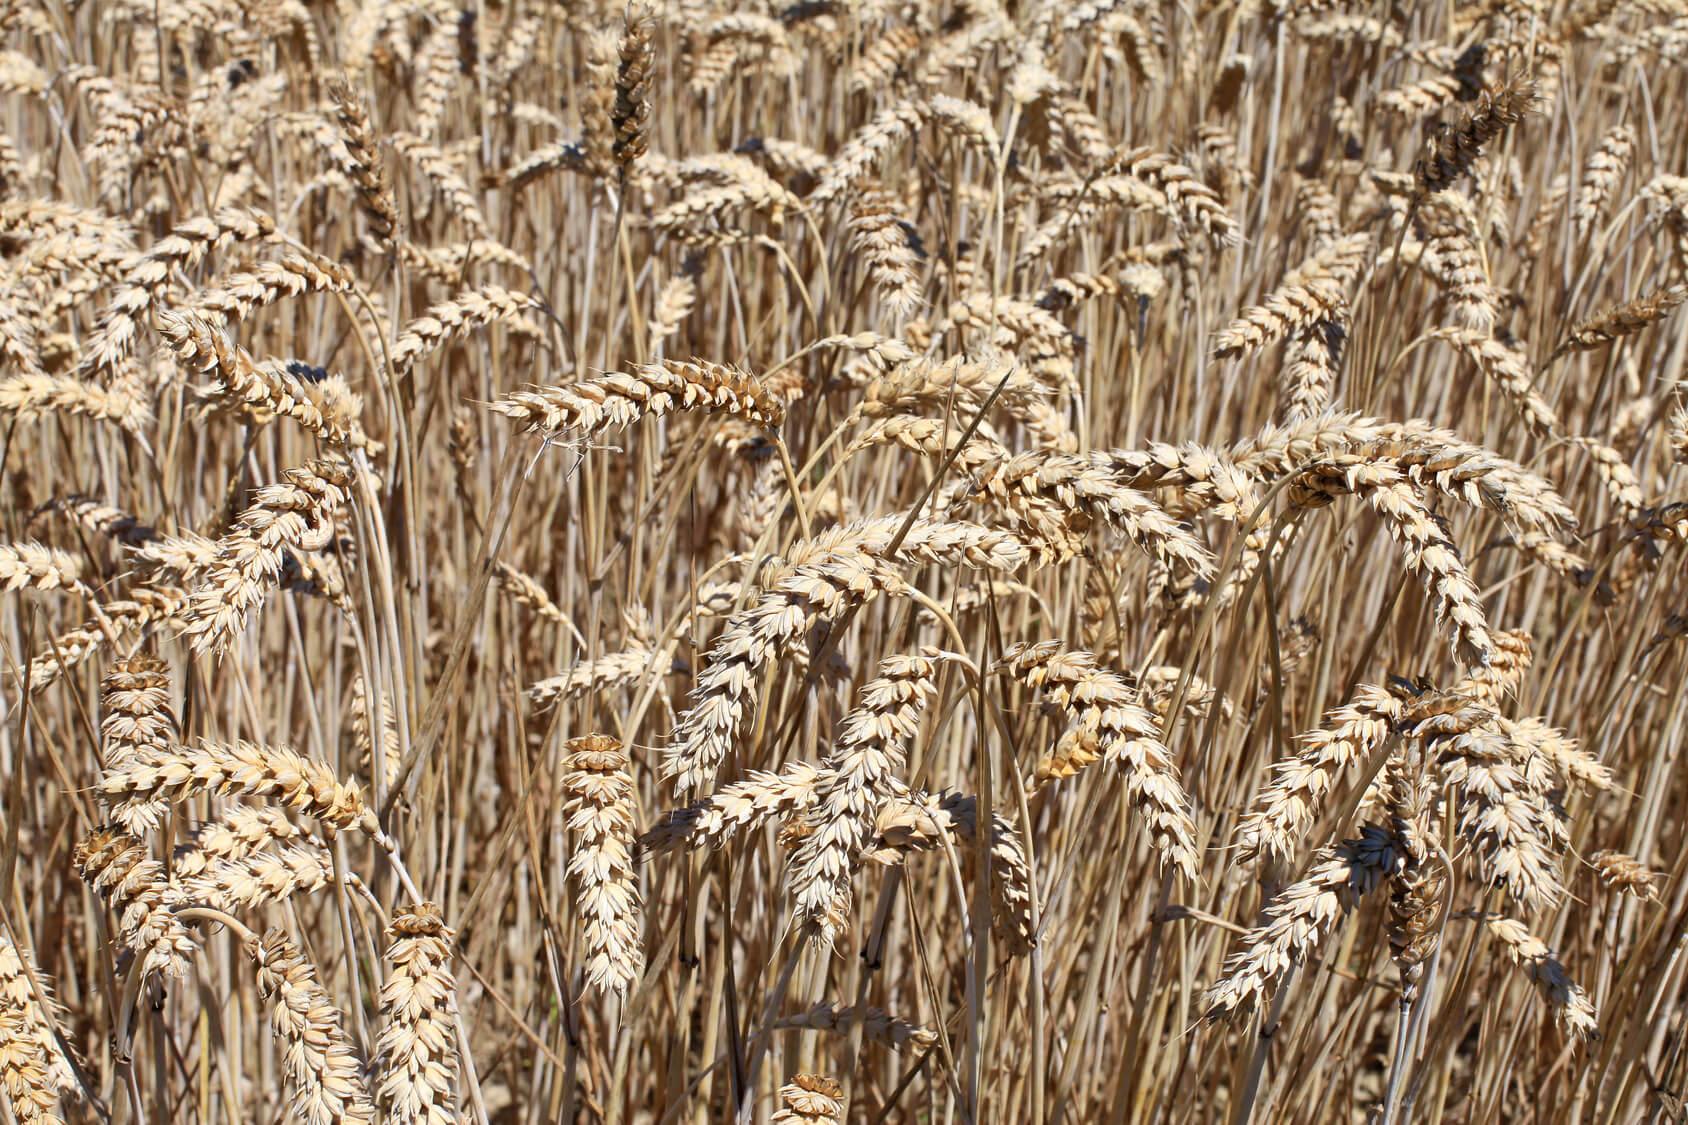 Requena-Utiel sigue cultivando grandes extensiones de cereales.